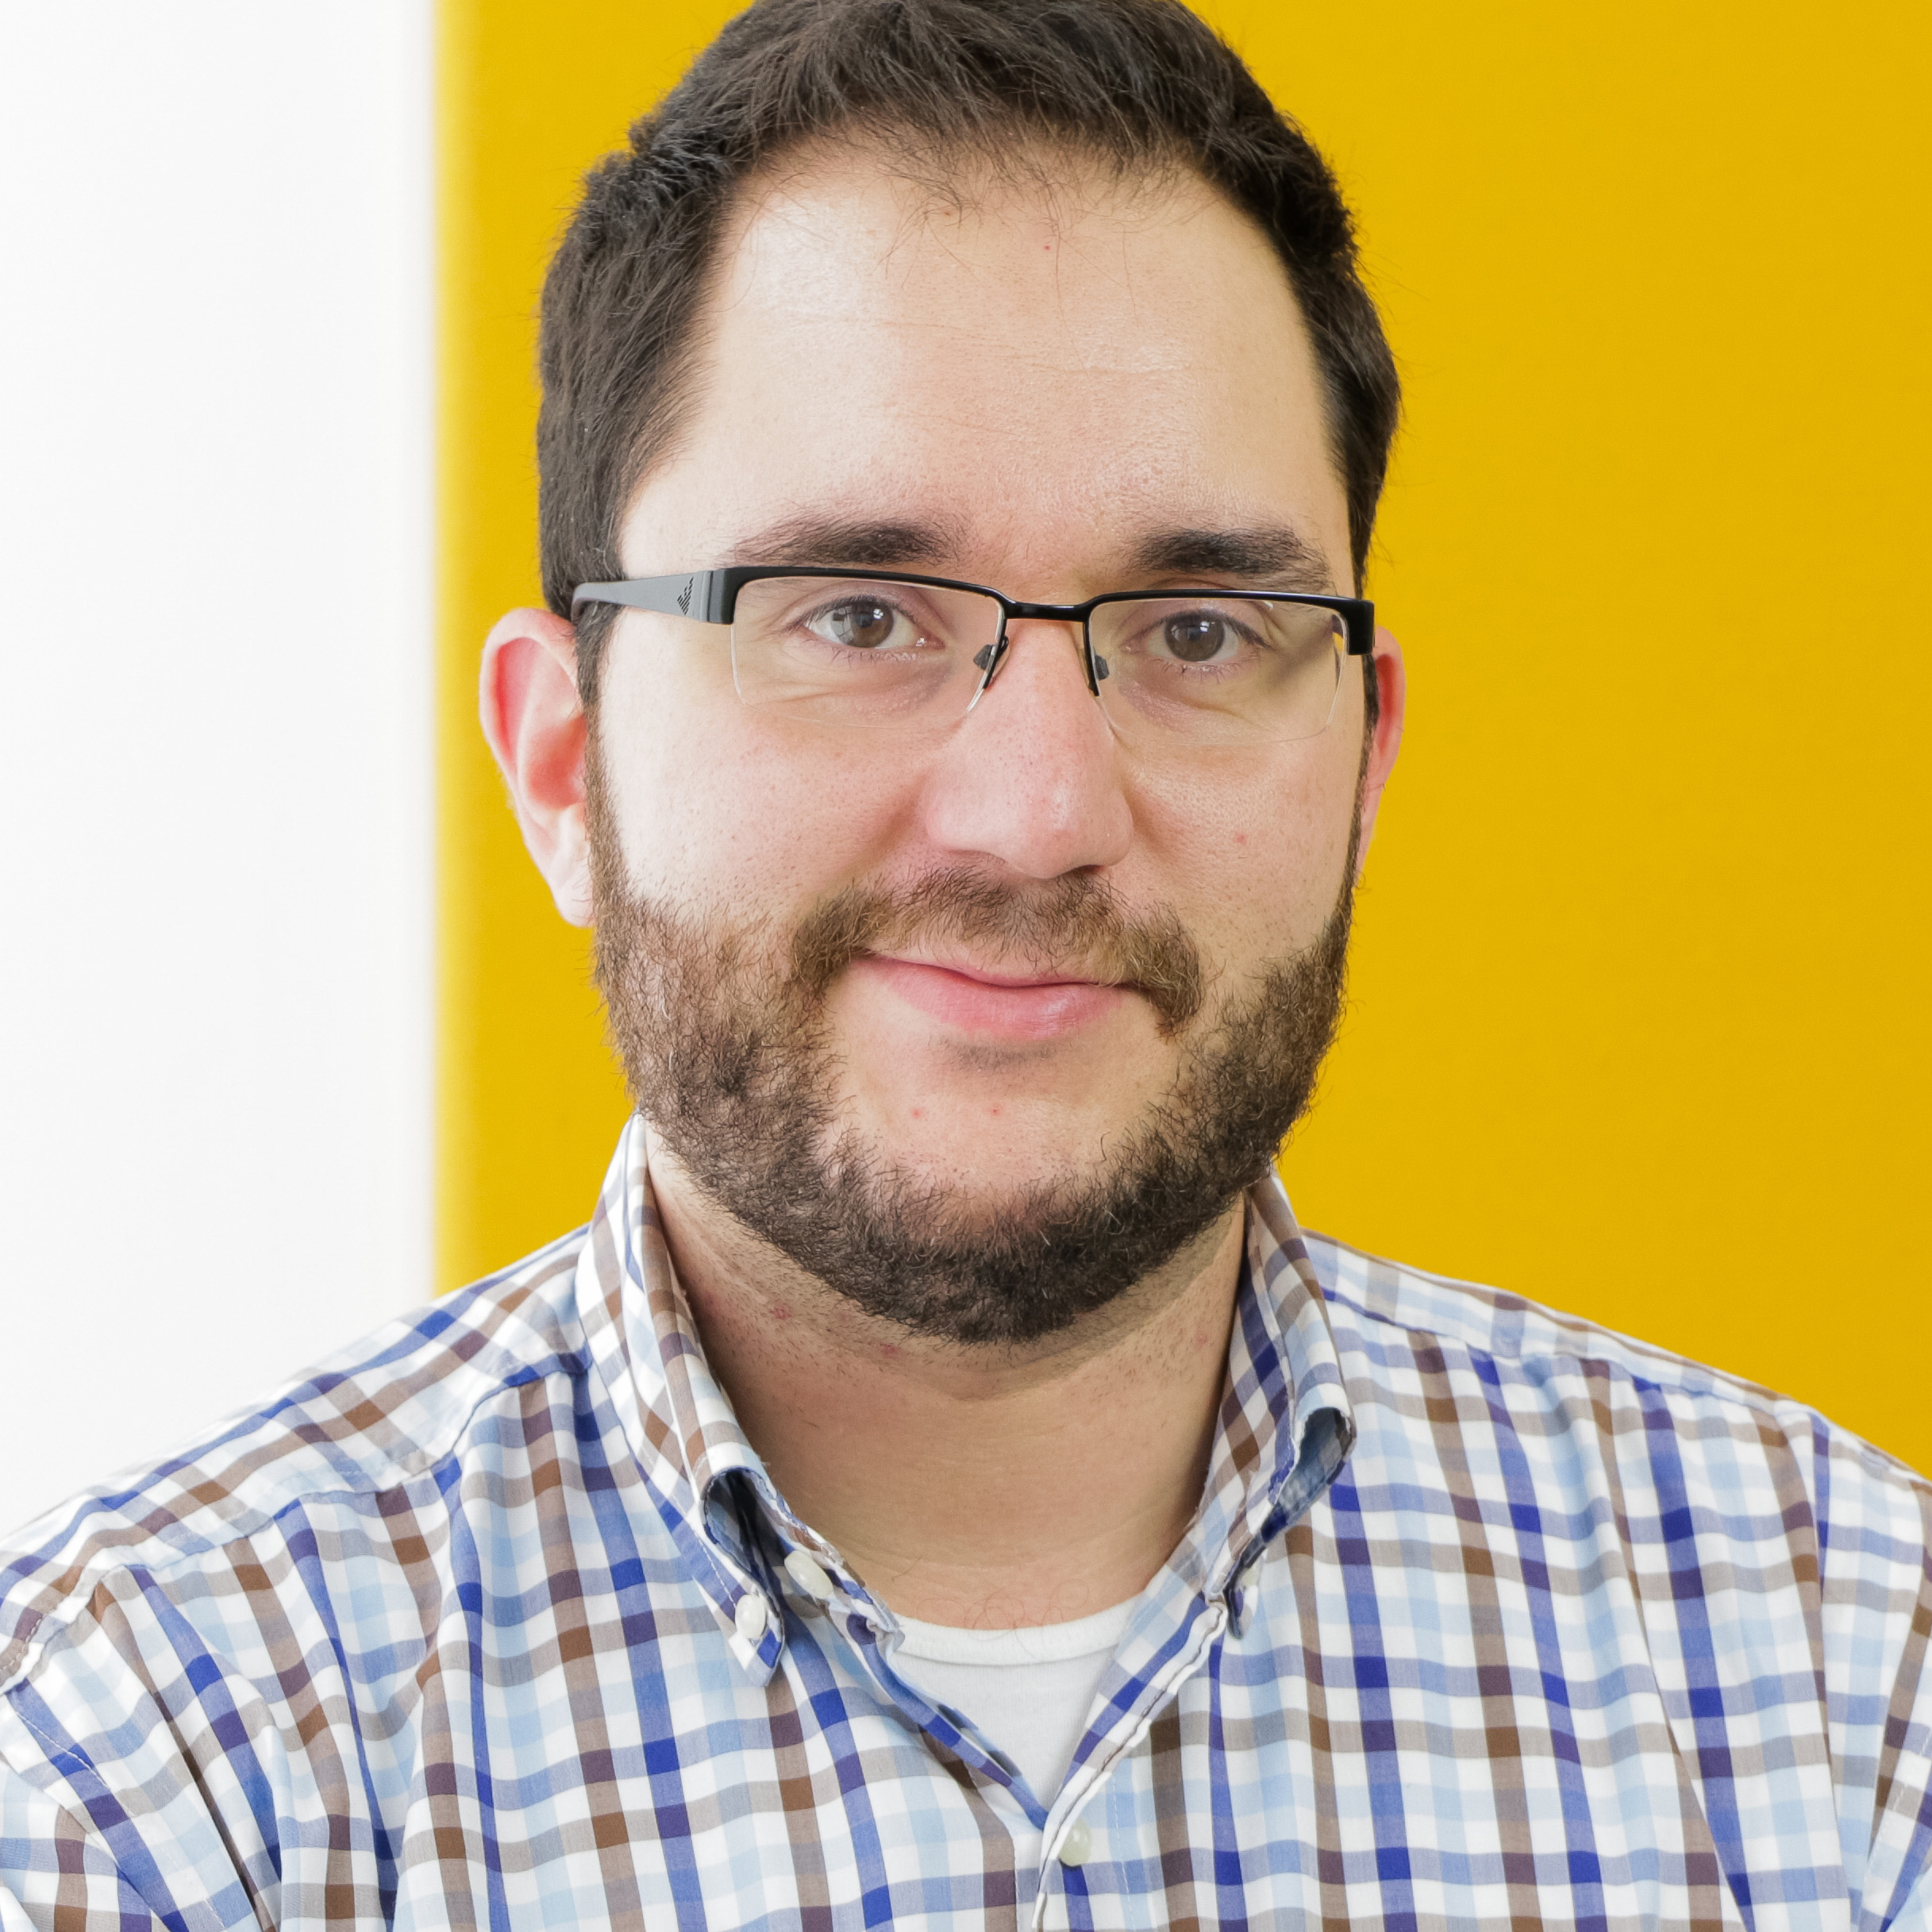 Juan_Gasca2